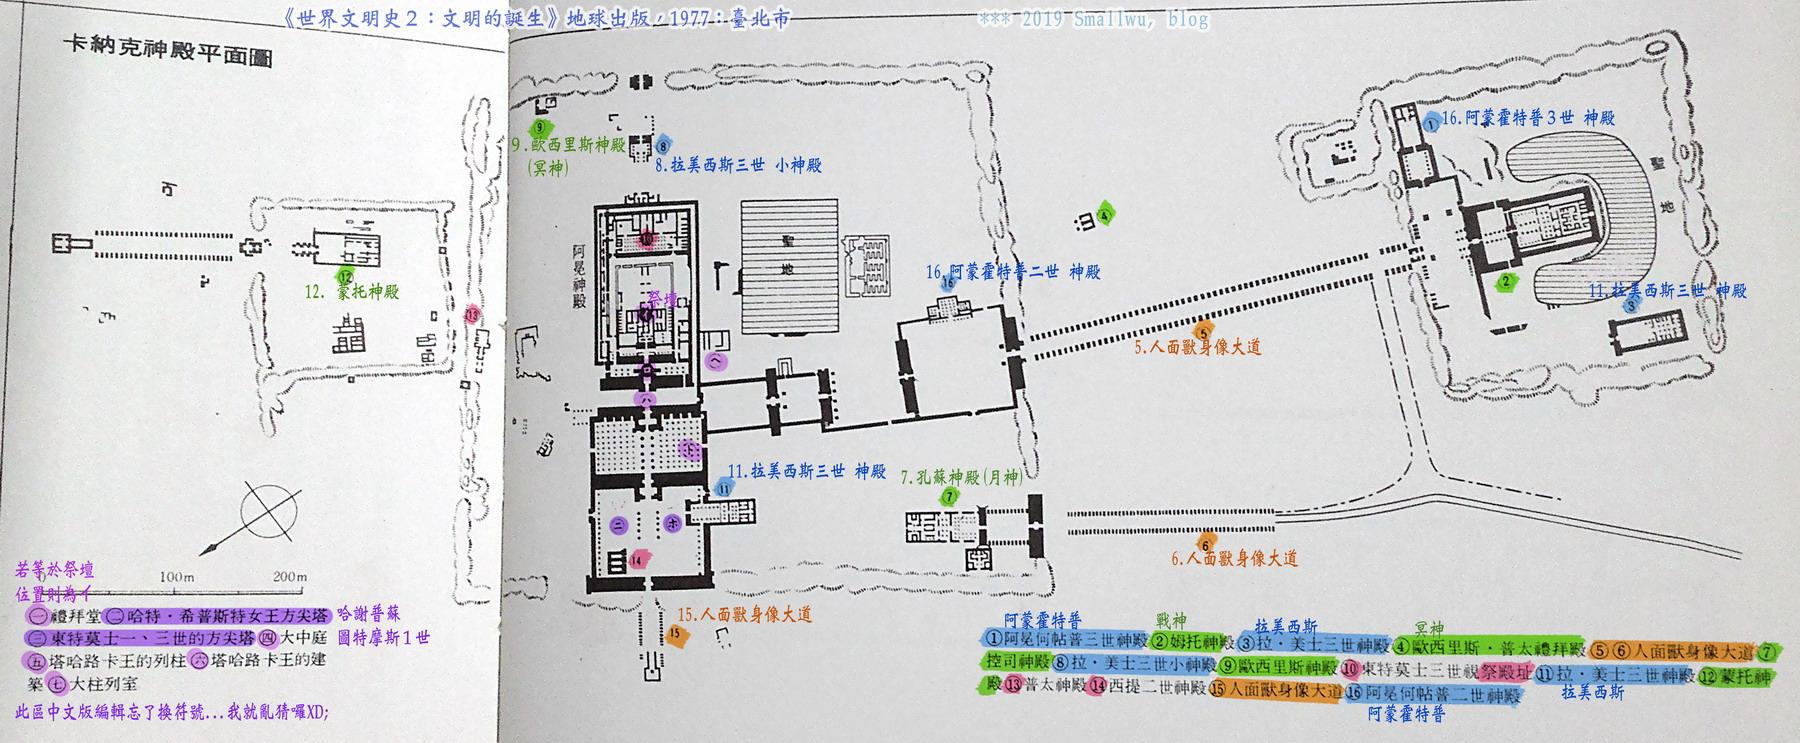 世界文明史2-文明的誕生-12 卡納克神殿 平面圖.jpg